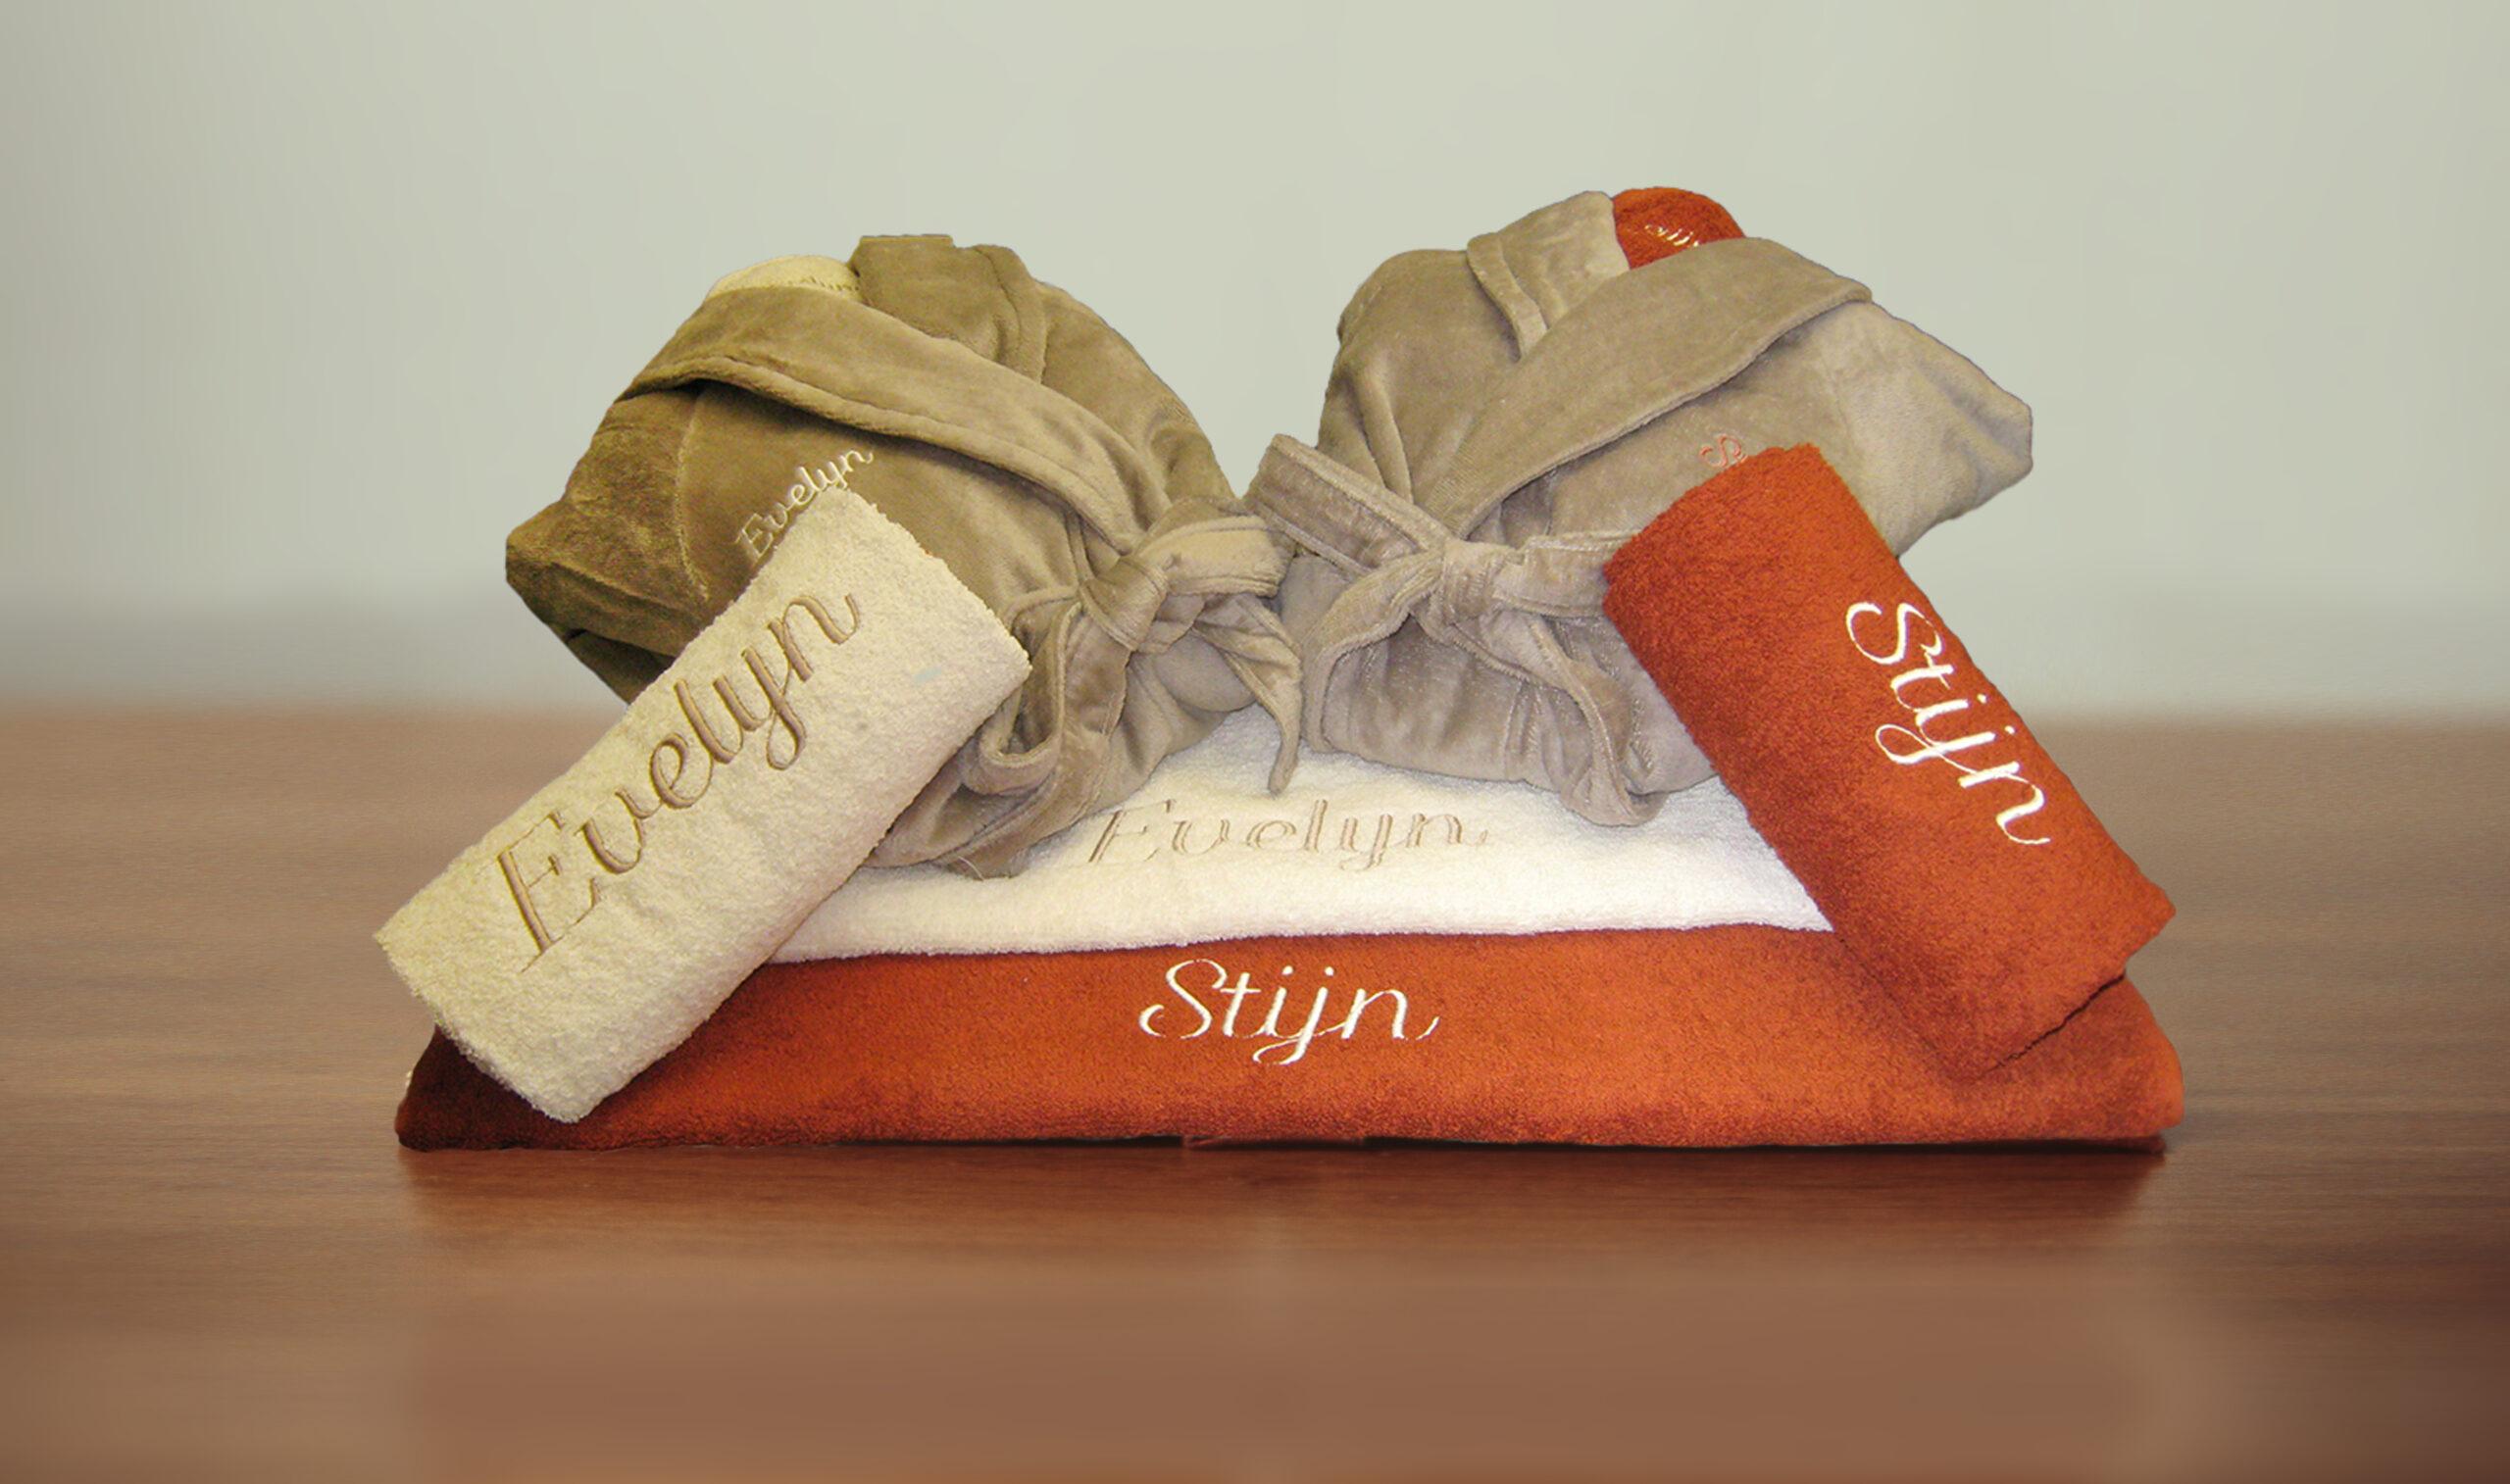 Personal Shop Nog op zoek naar een leuk en origineel cadeau voor Valentijn?